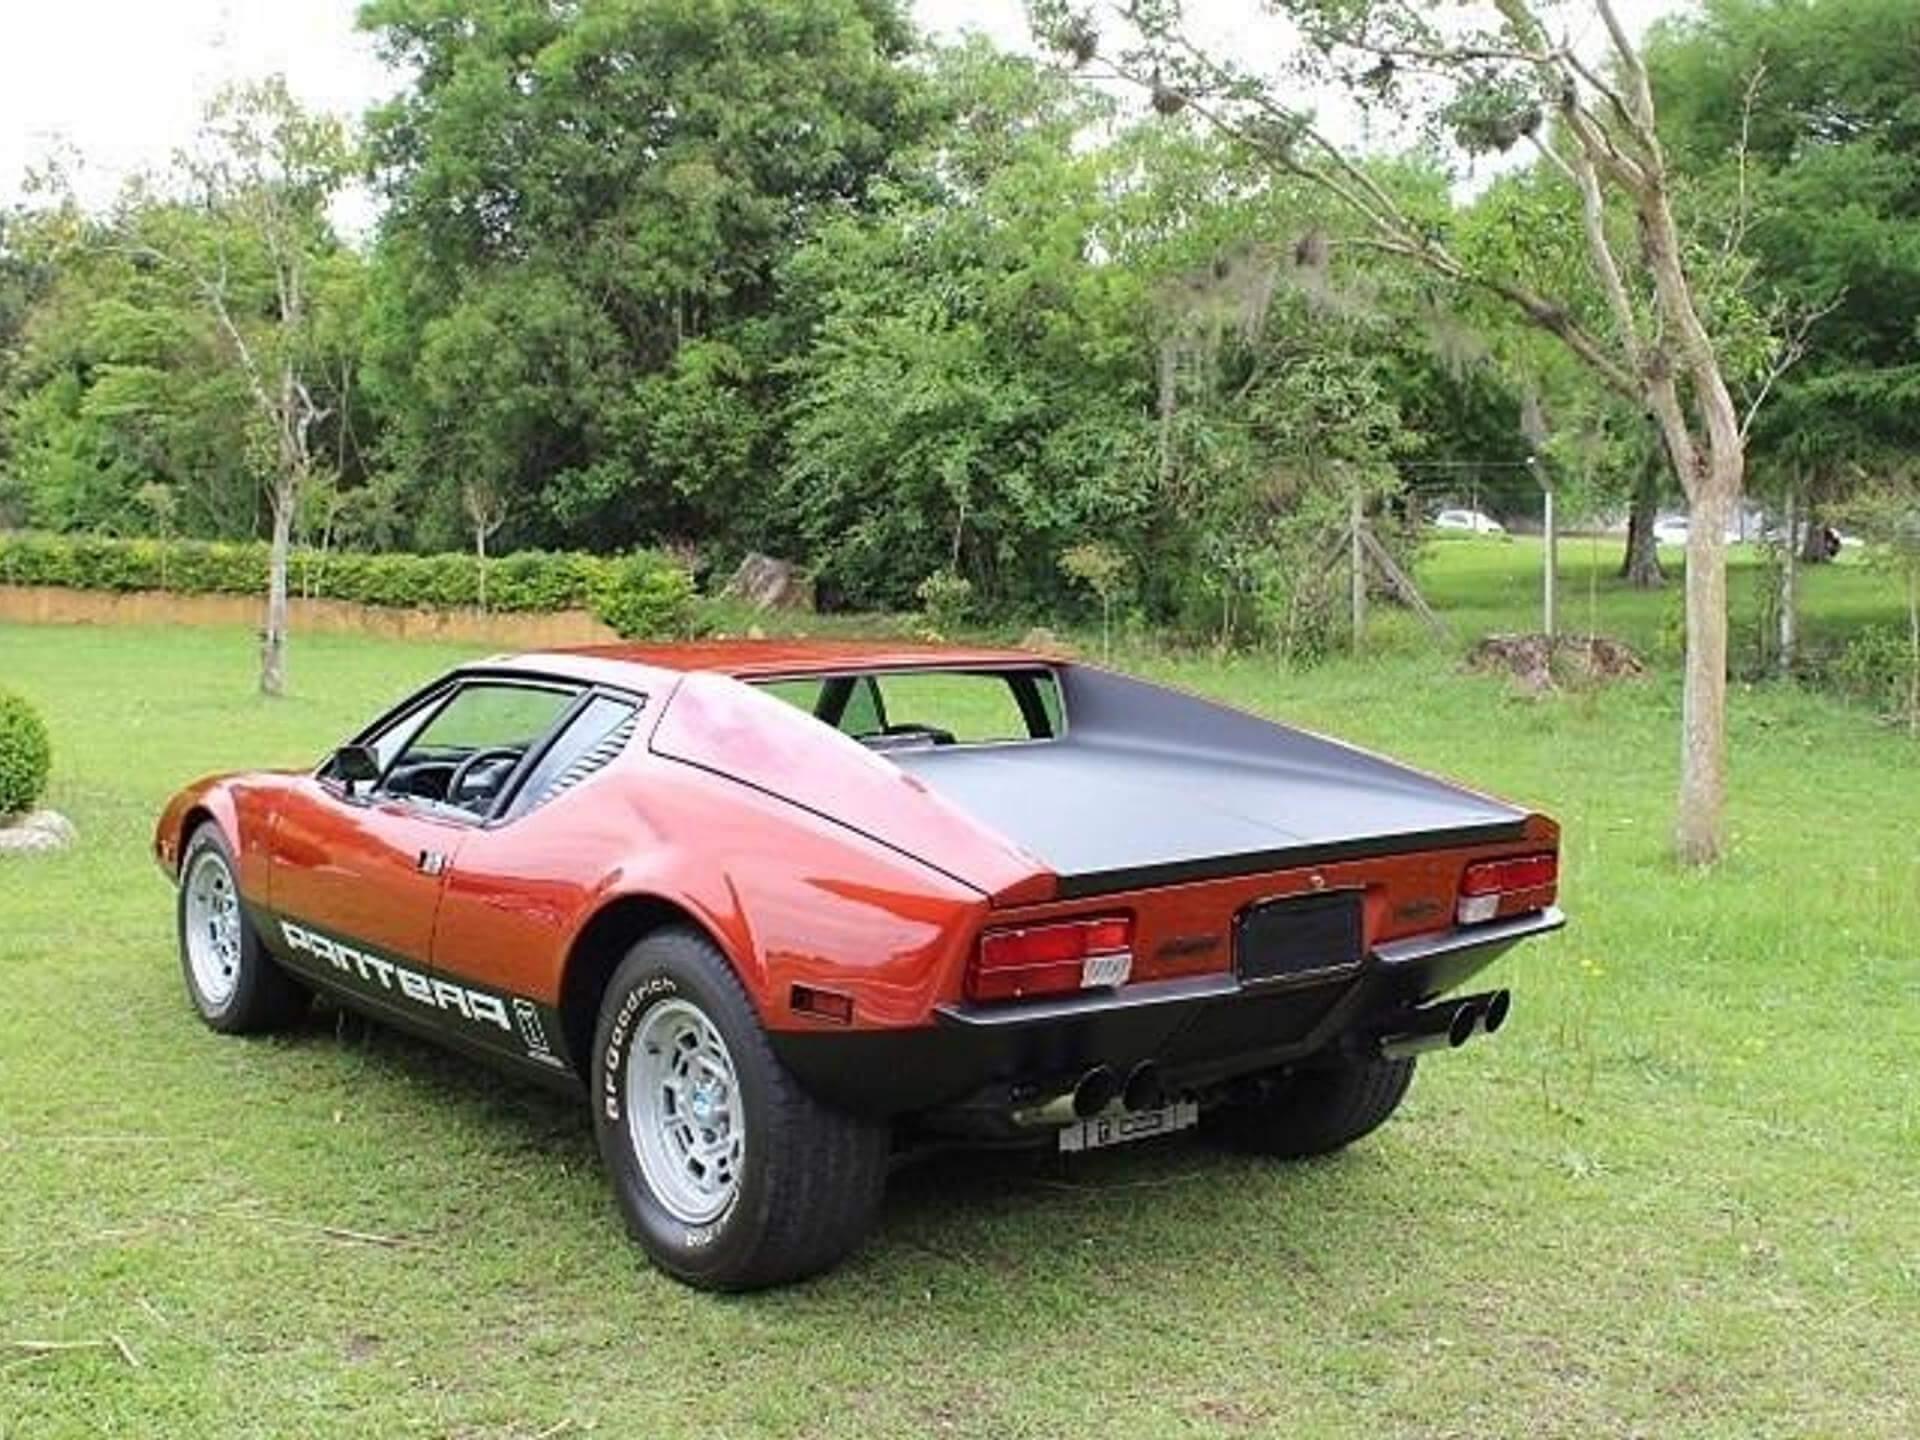 De Tomaso Pantera 5.8 Coupe V8 24v Gasolina 2p Manual Wmimagem14343323164